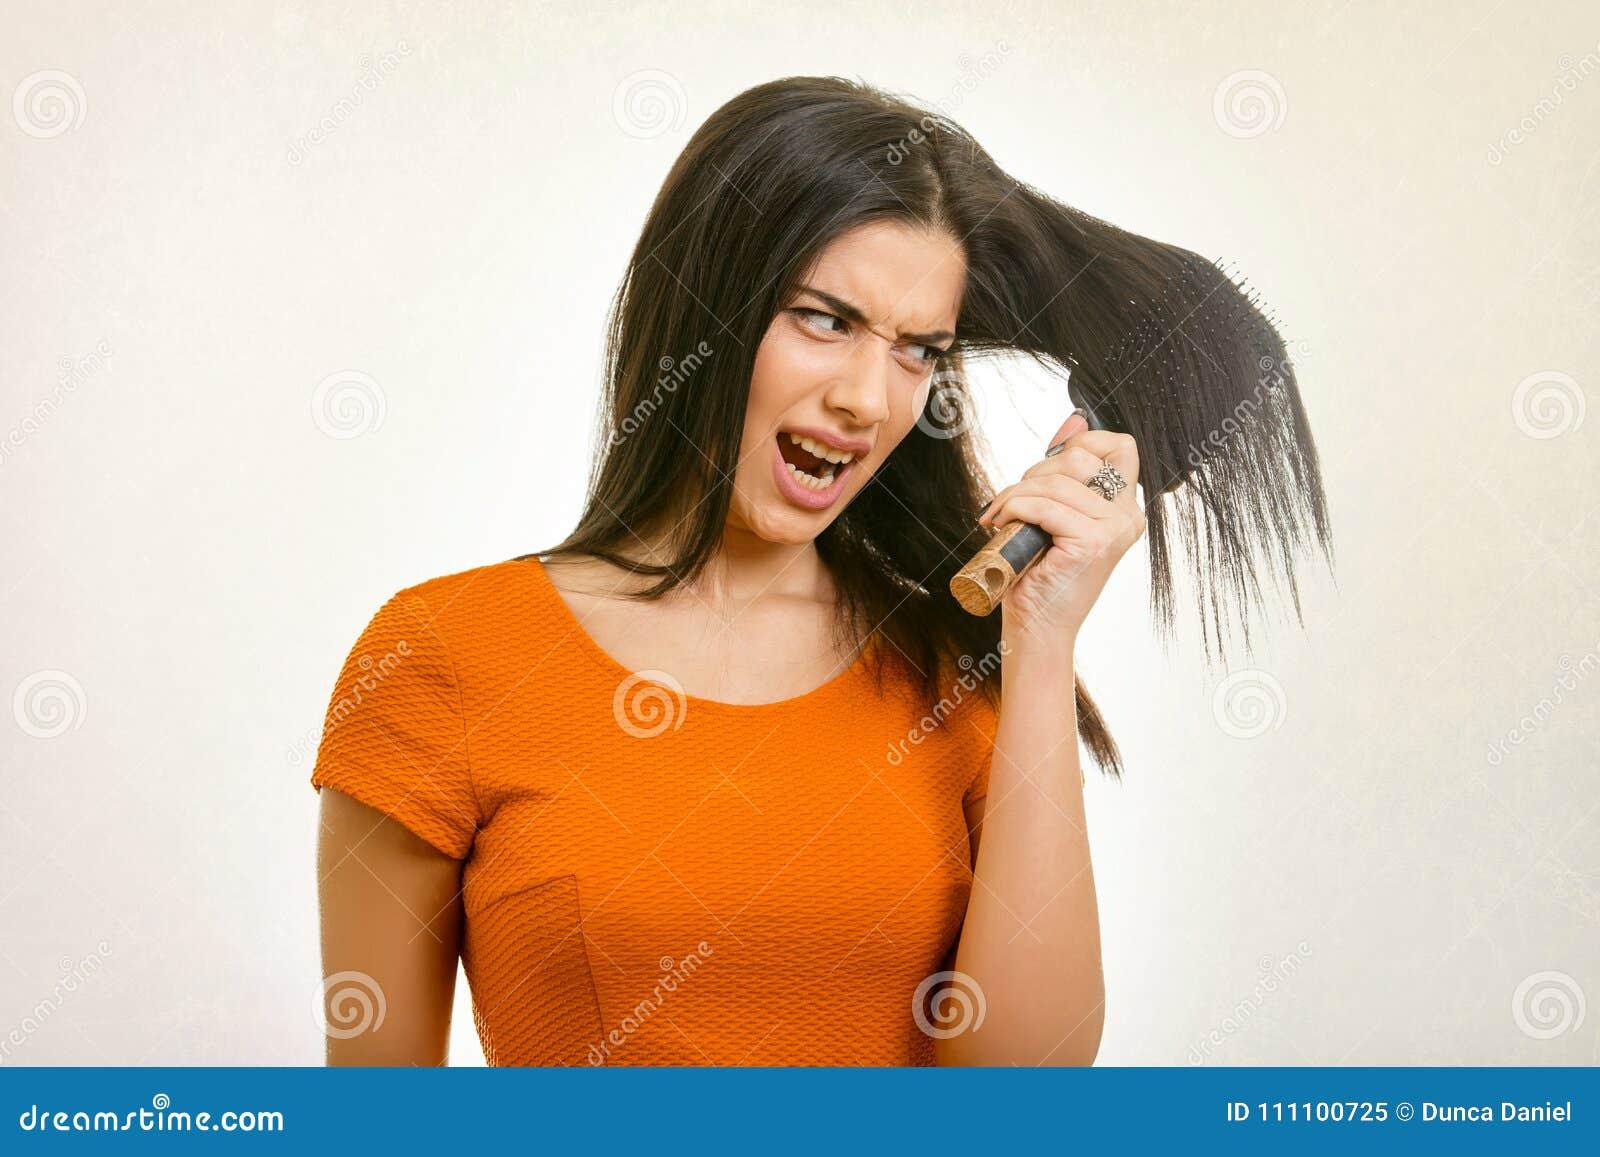 Verwirrtes unordentliches Frisurproblem Frau, die ihr schädigendes Haar bürstet